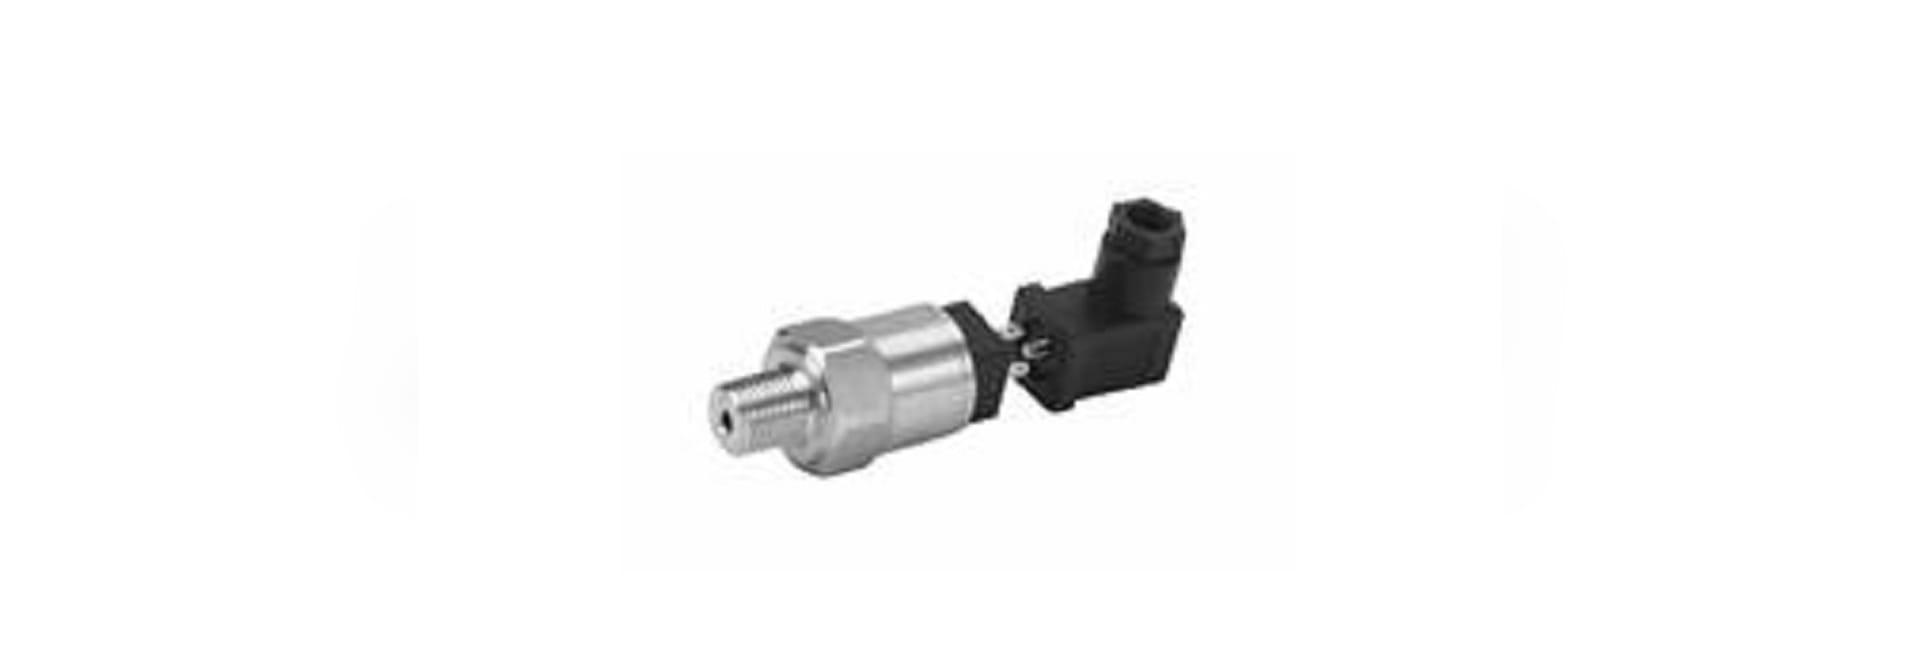 Les transducteurs de pression sont compacts et rentables